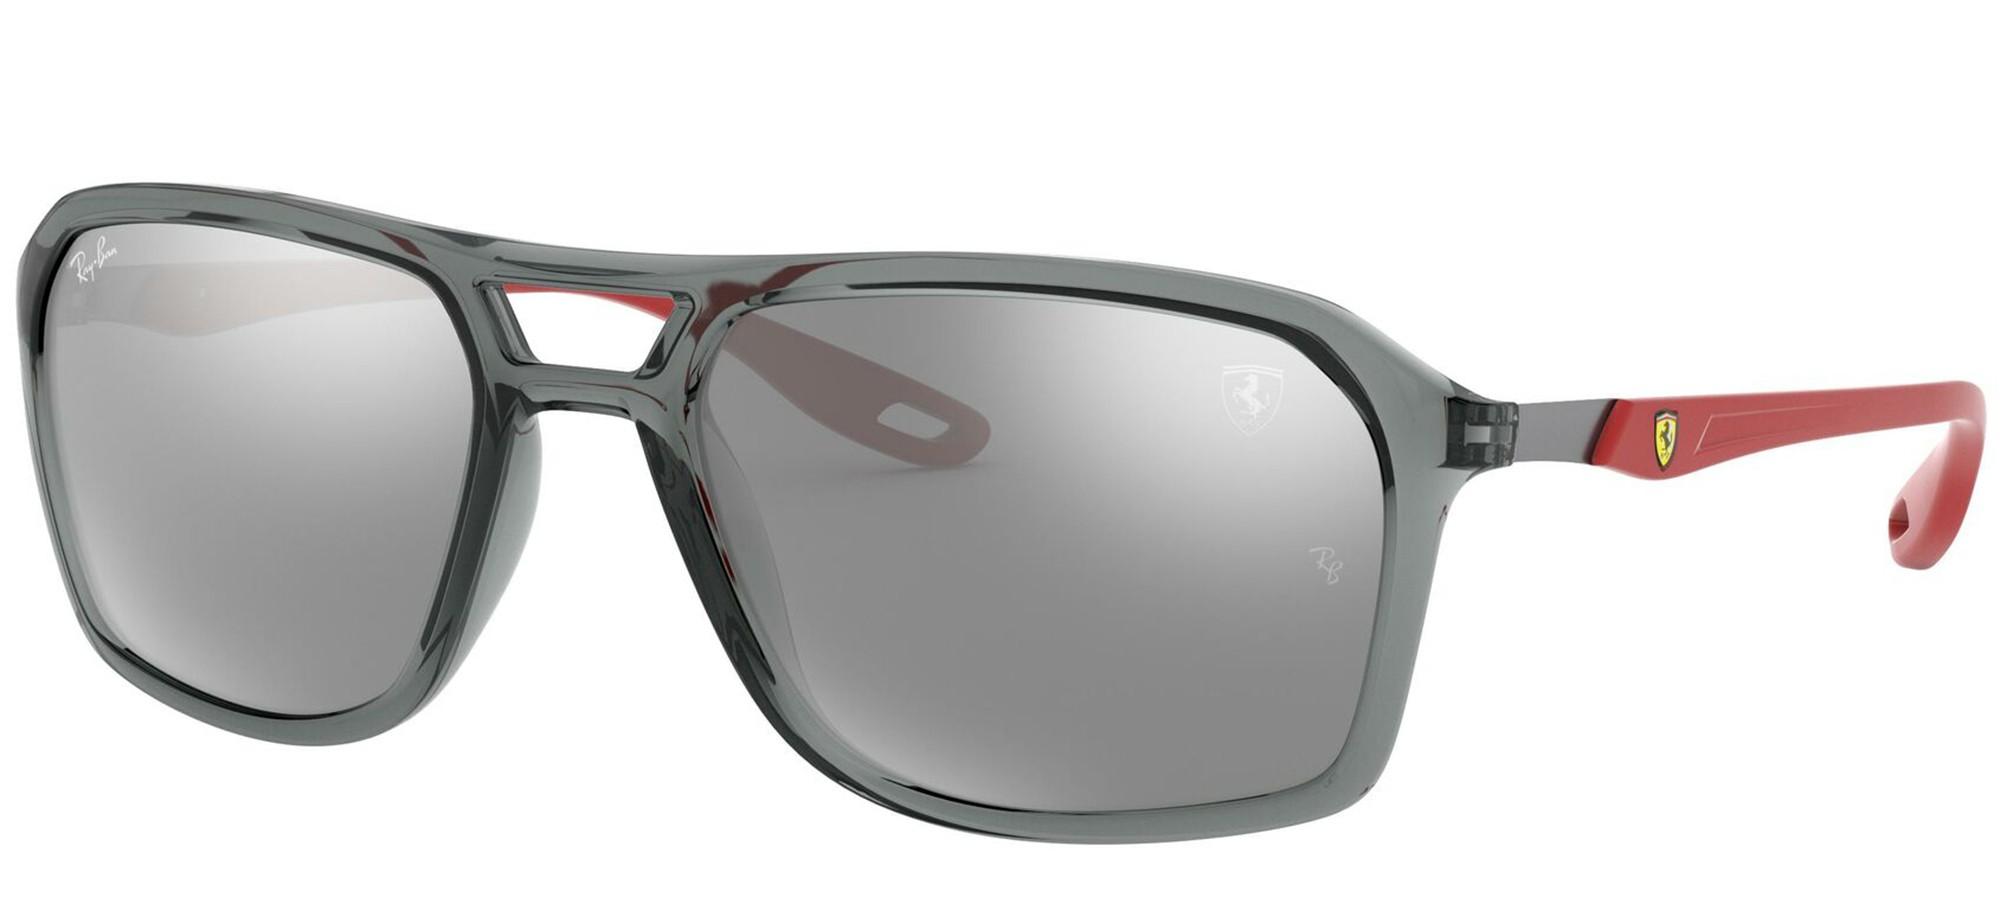 Ray-Ban solbriller RB 4329M SCUDERIA FERRARI